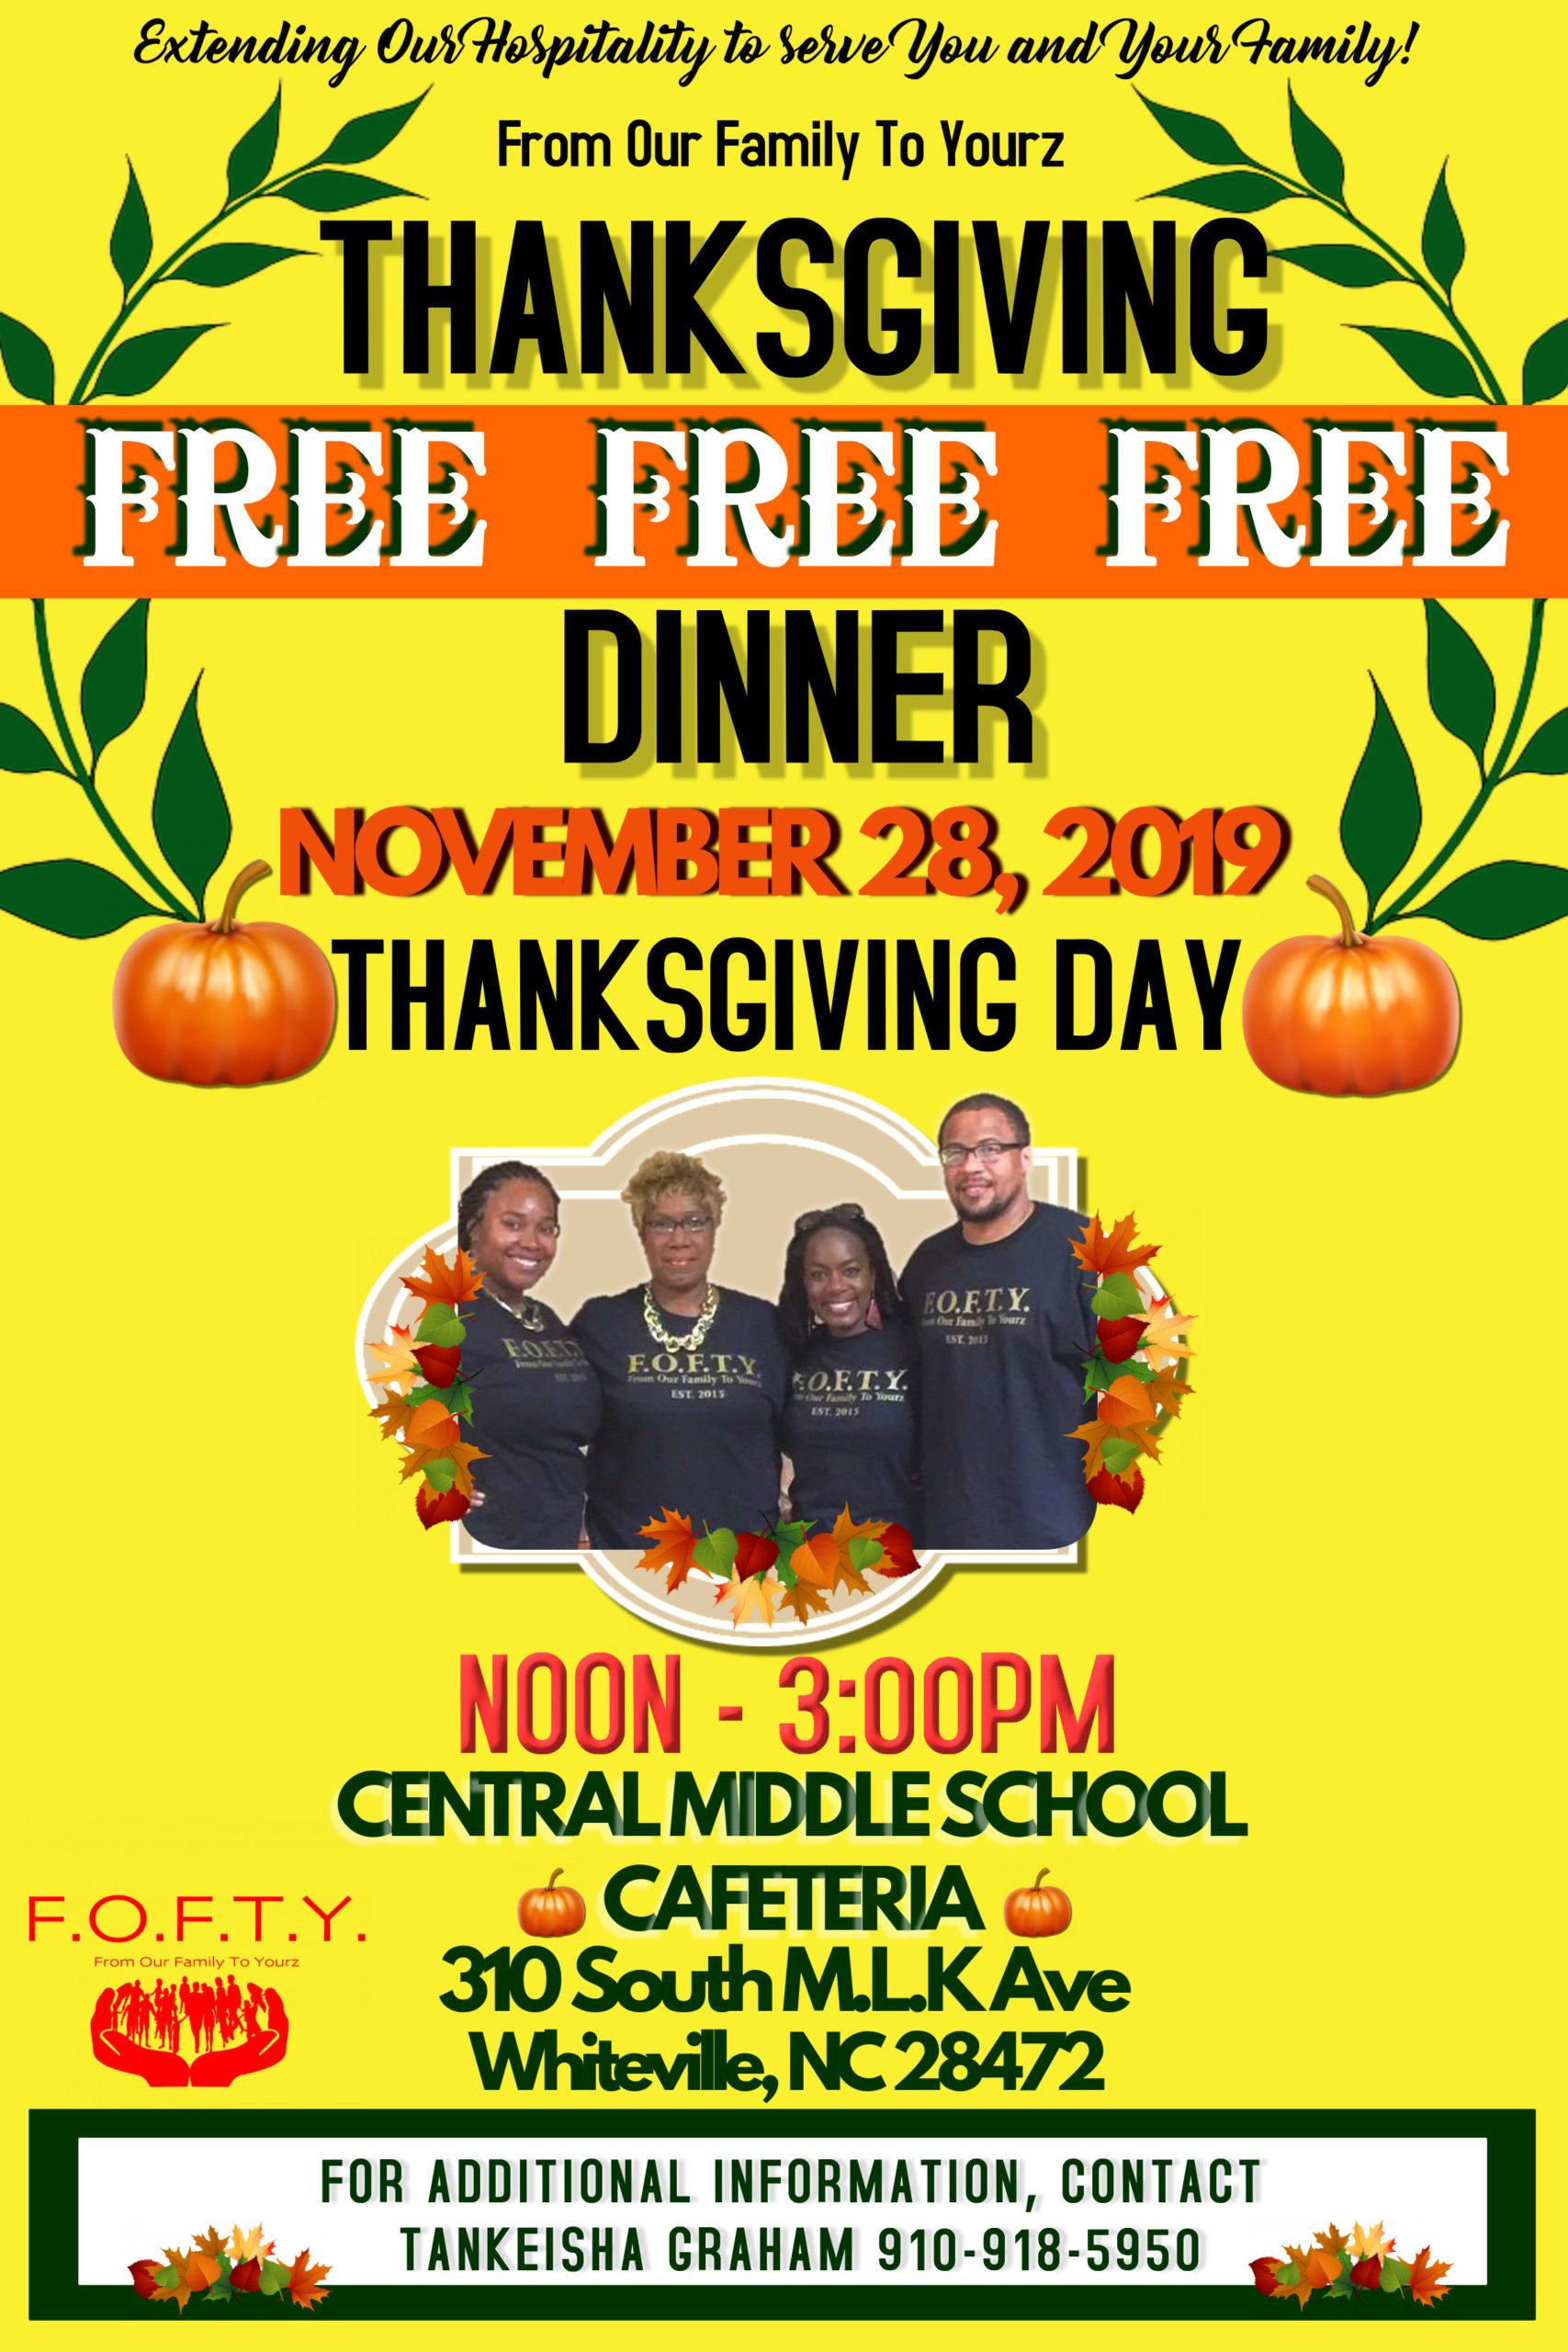 Thanksgiving Dinner in Whiteville